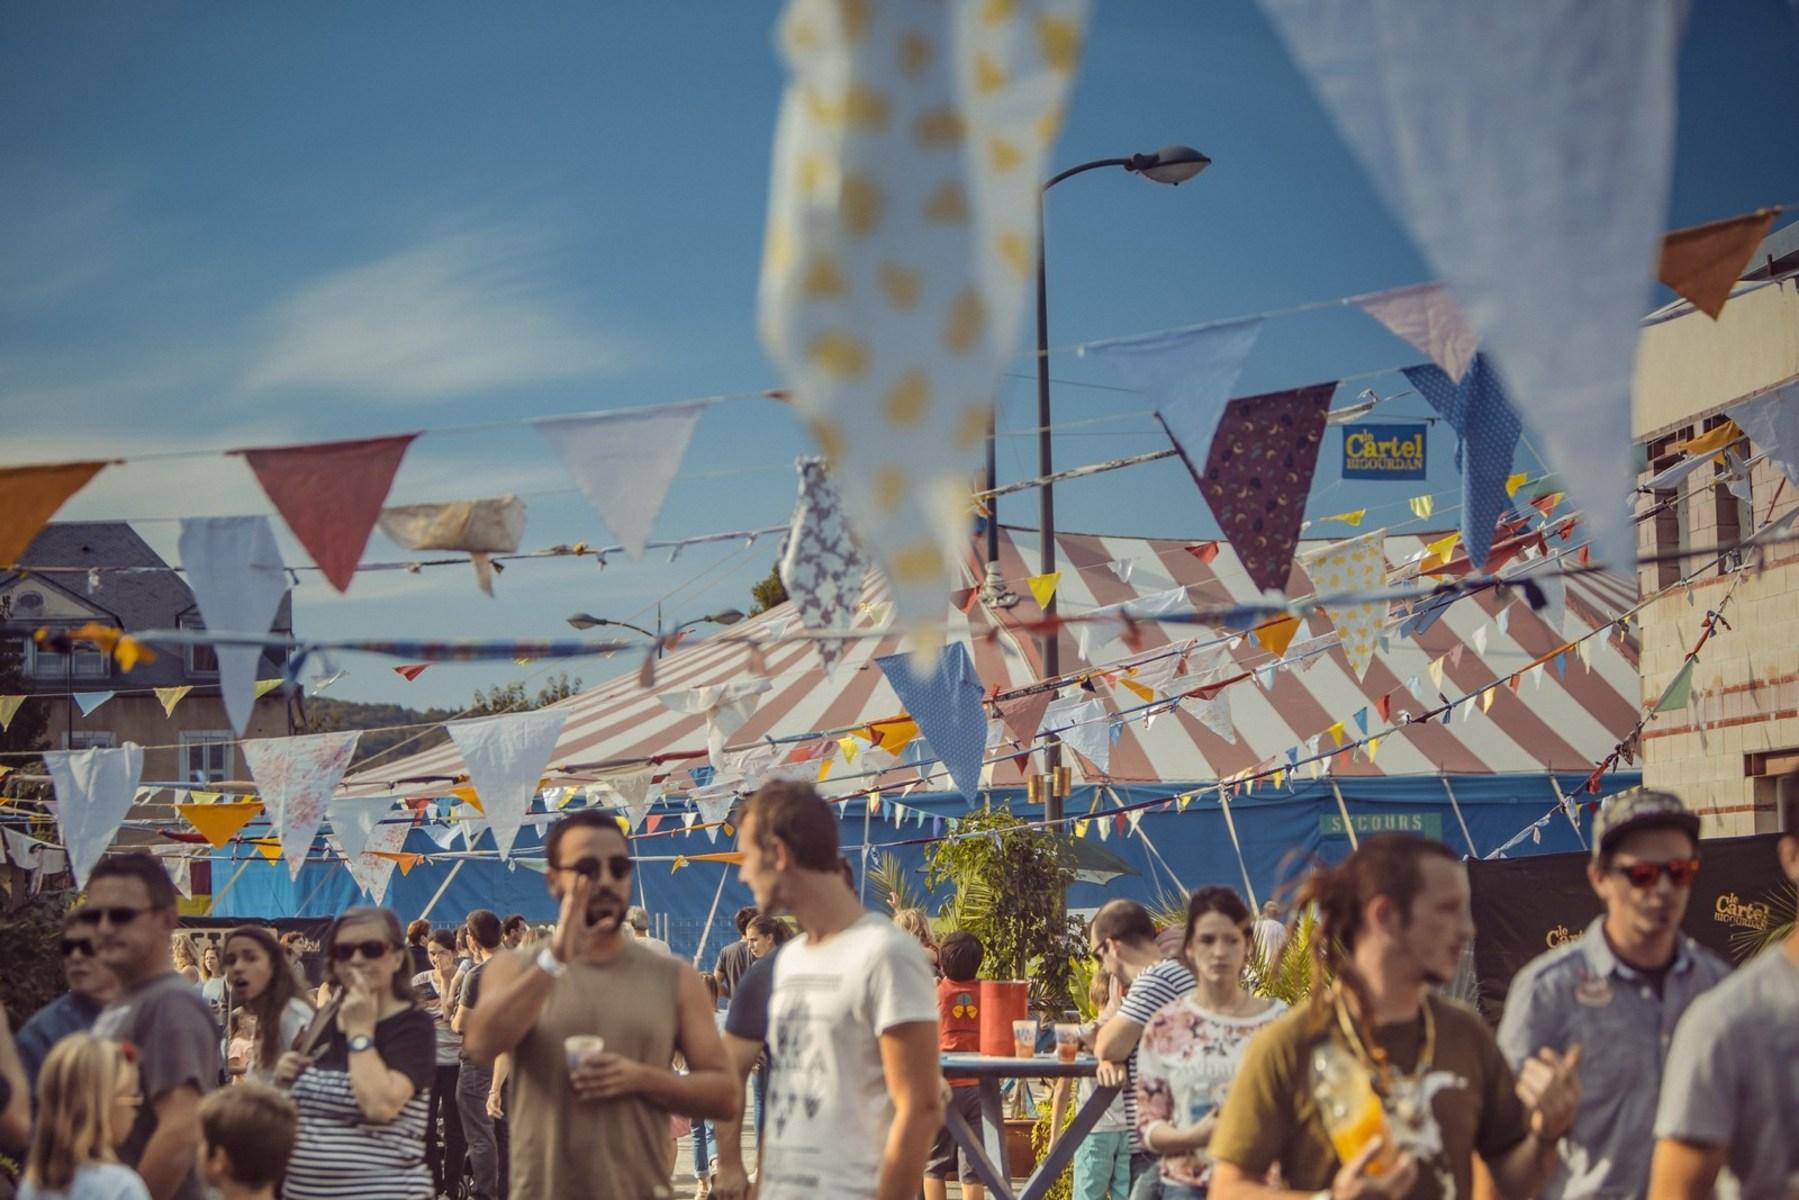 Big Bag Festival sur de scène en scène